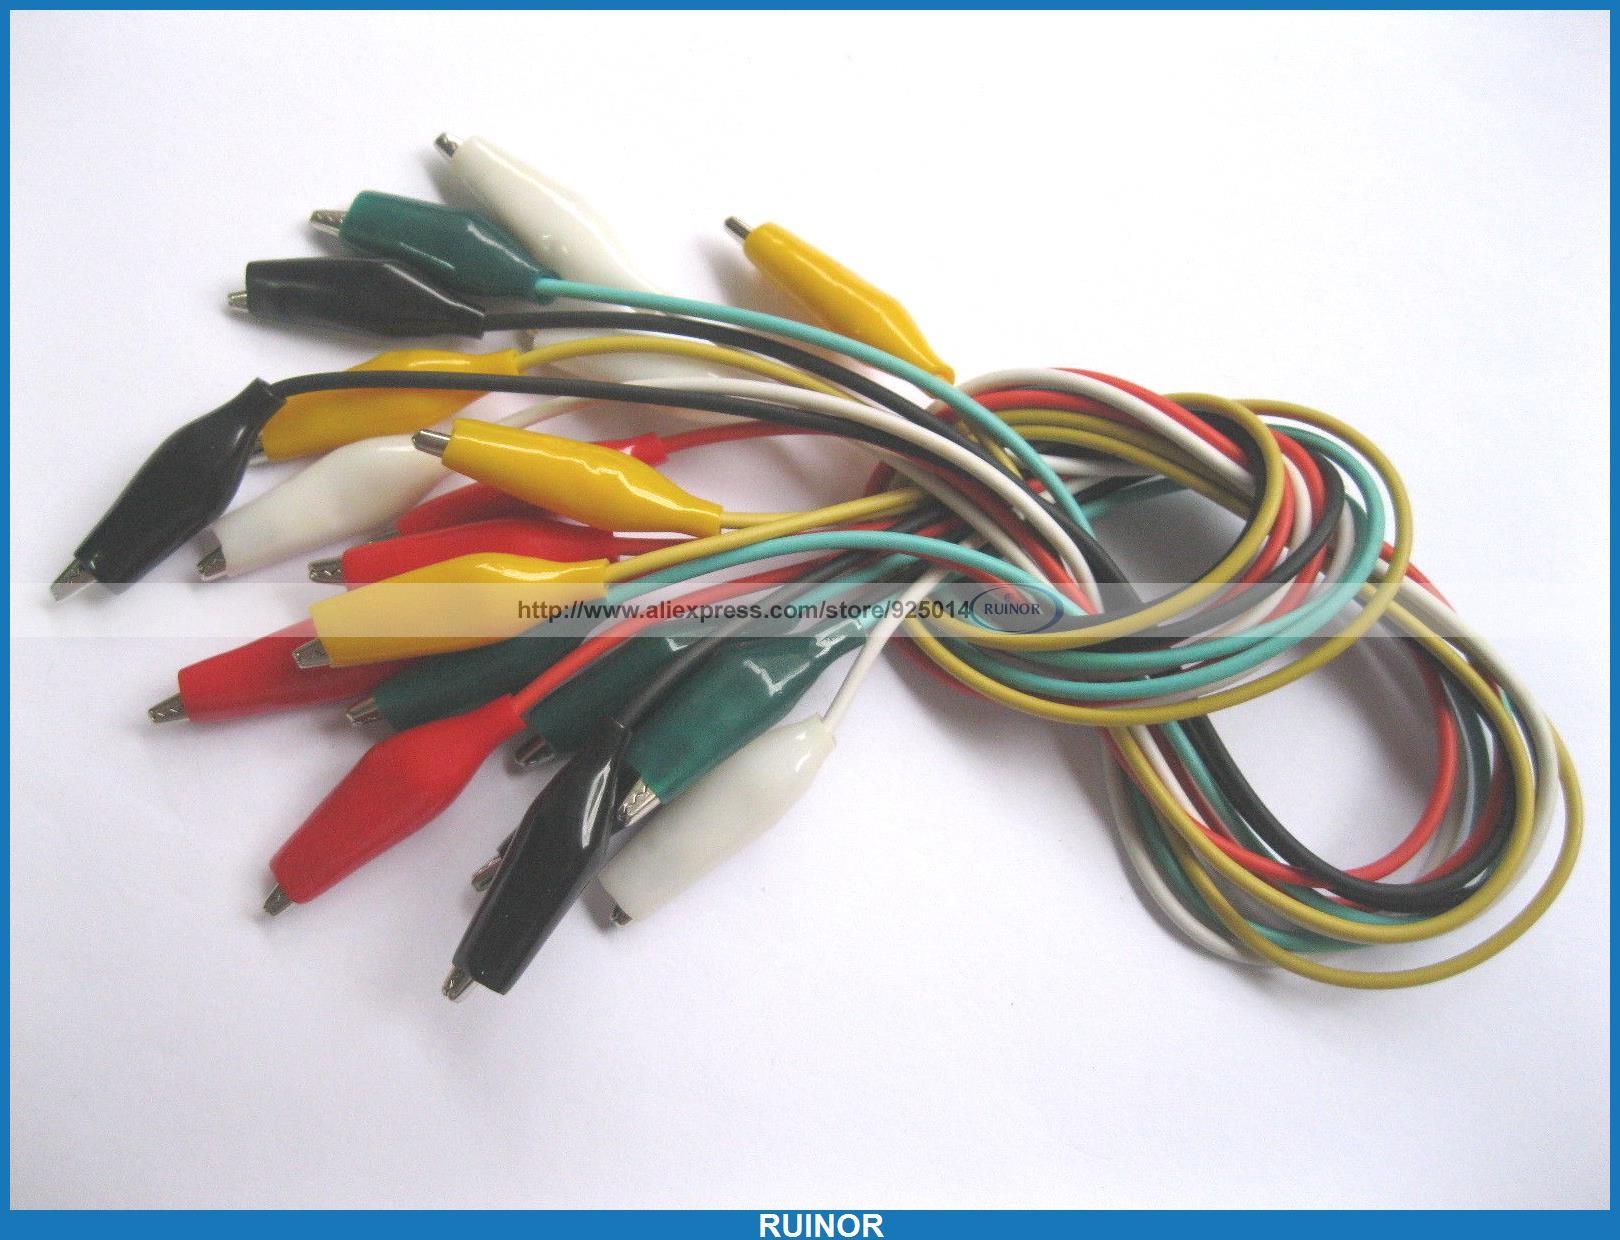 20 Set 100 Pcs 27mm Alligator Test Clip Lead 5 Colors 50cm Long Small Size<br><br>Aliexpress